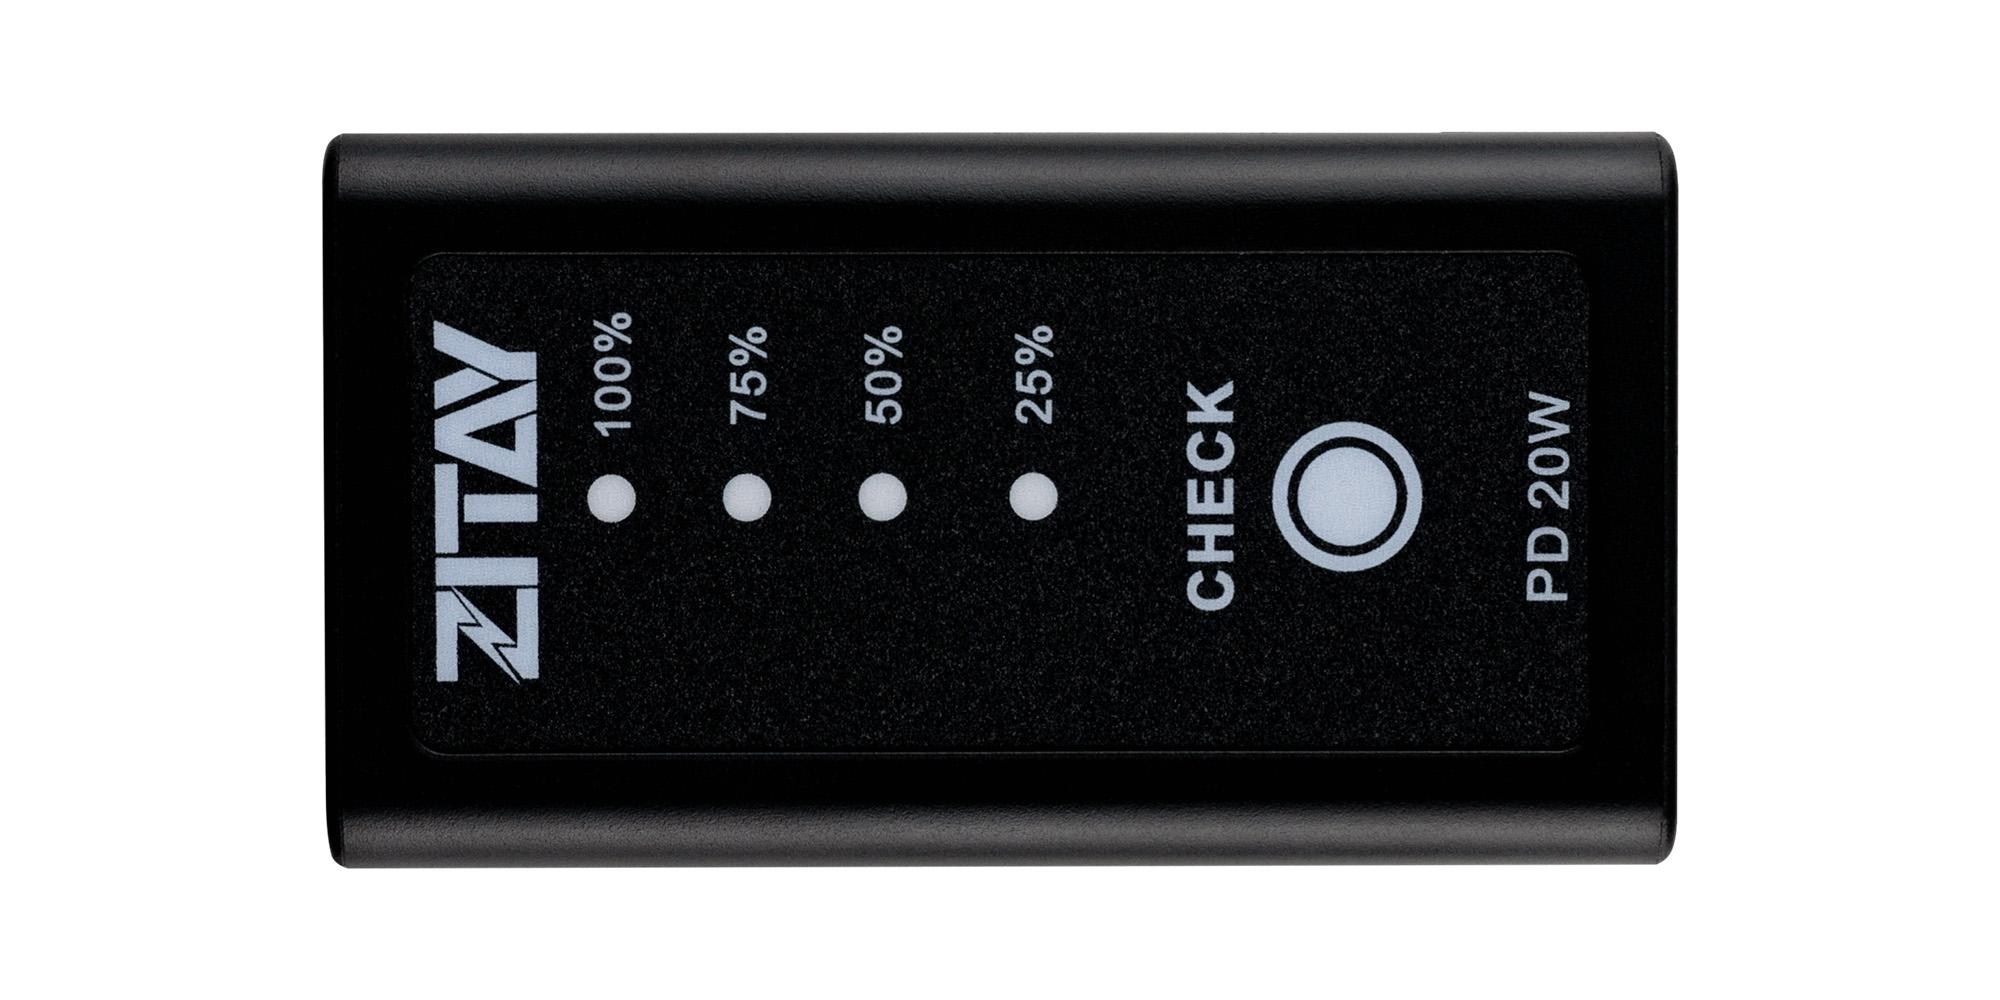 Akumulator Zitay zamiennik NP-F970 - Akumulator zamiast power banku